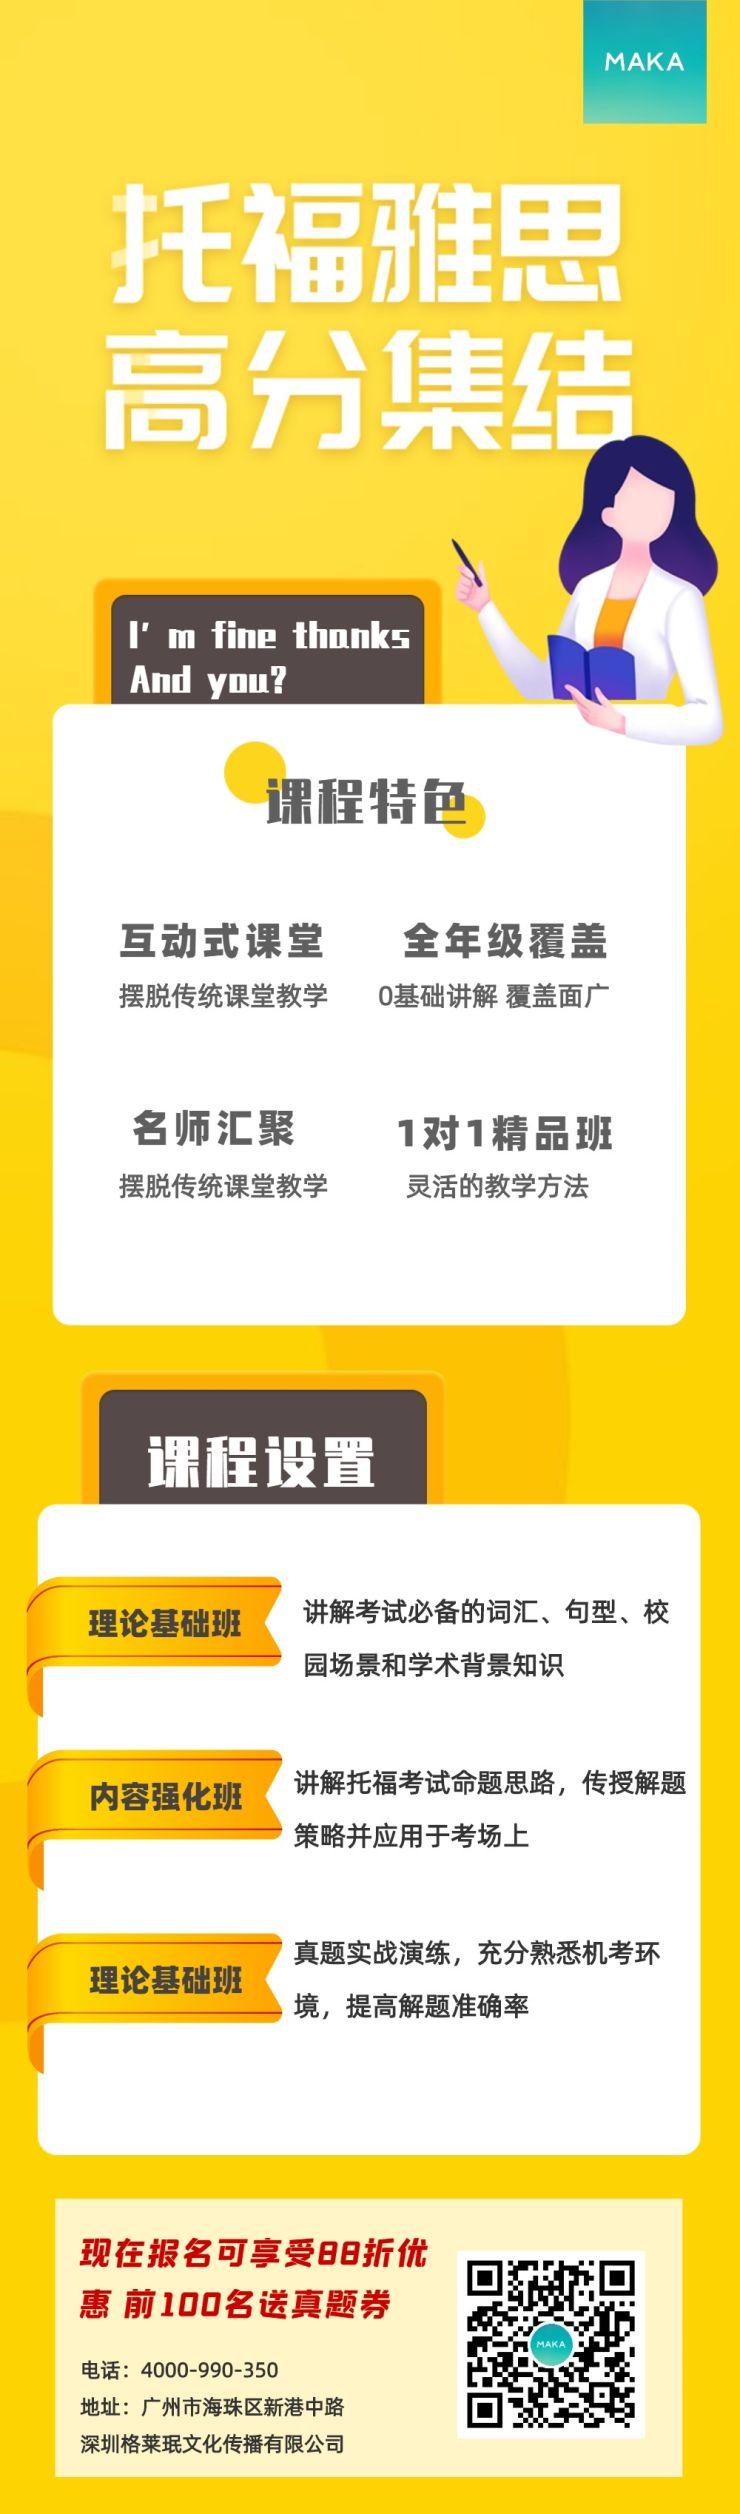 黄色简约托福雅思培训招生文章长图模板